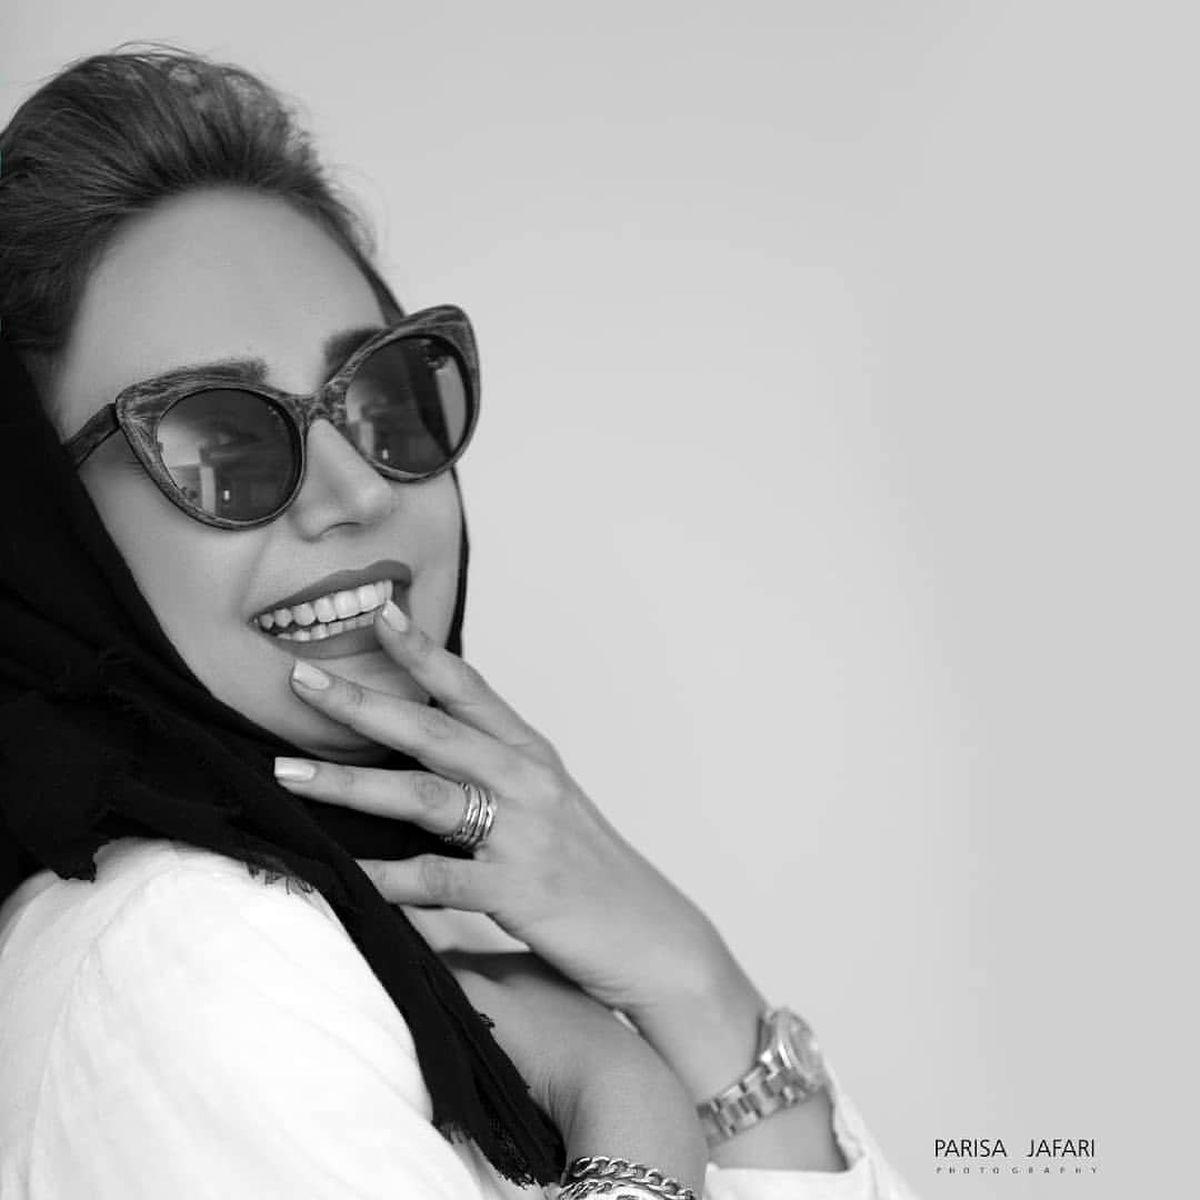 شبنم قلی خانی از خواهر و برادرش رونمایی کرد+ عکس